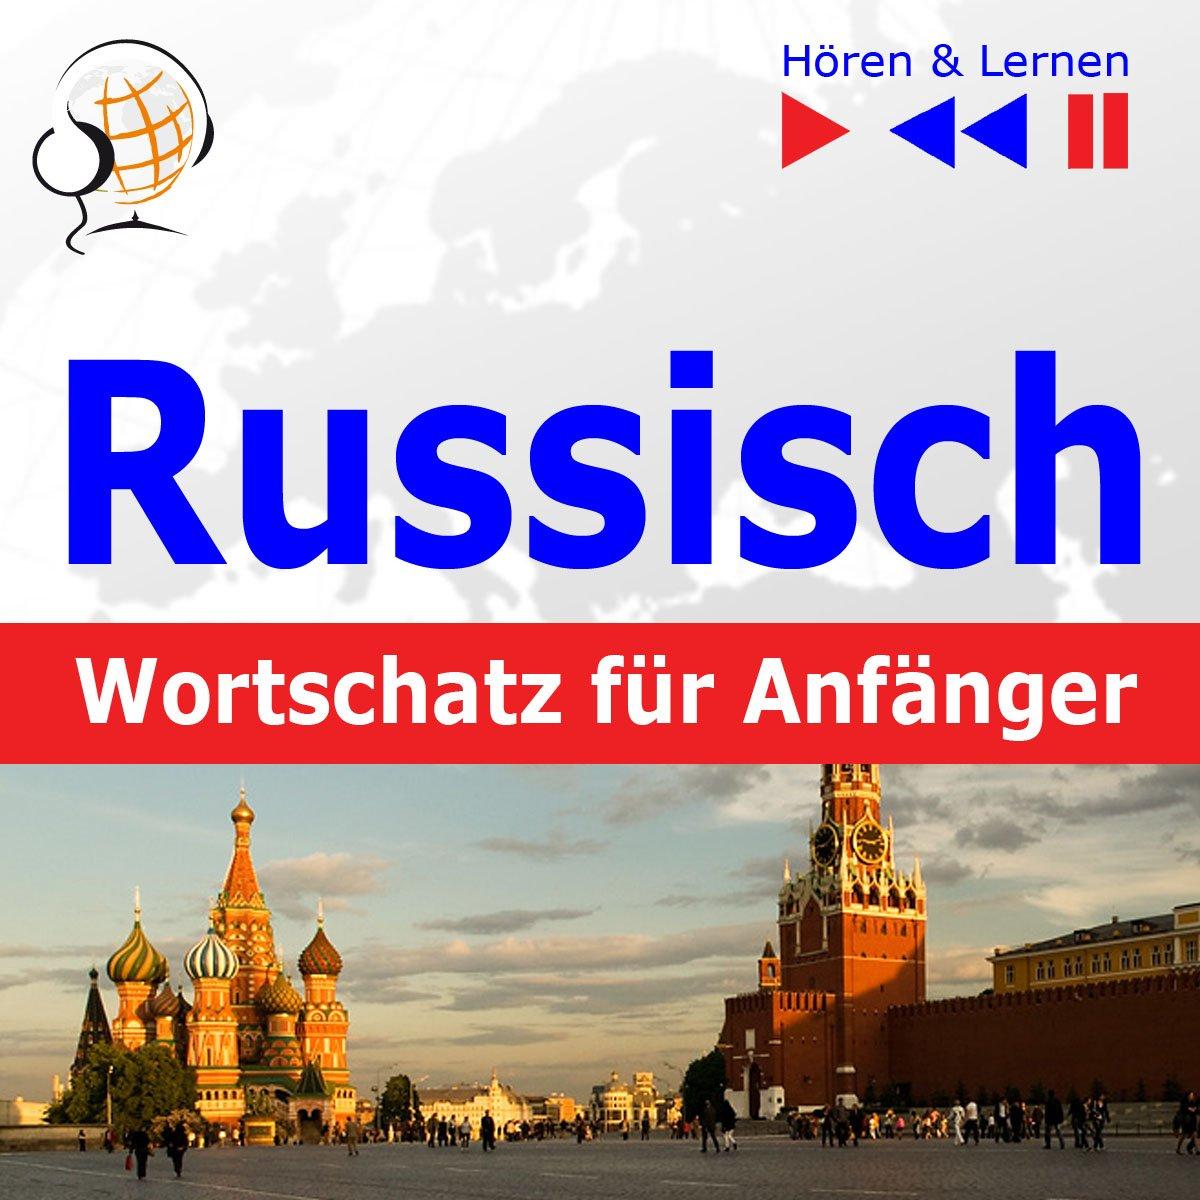 Russisch Wortschatz für Anfänger. Hören & Lernen - Audiobook (Książka audio MP3) do pobrania w całości w archiwum ZIP